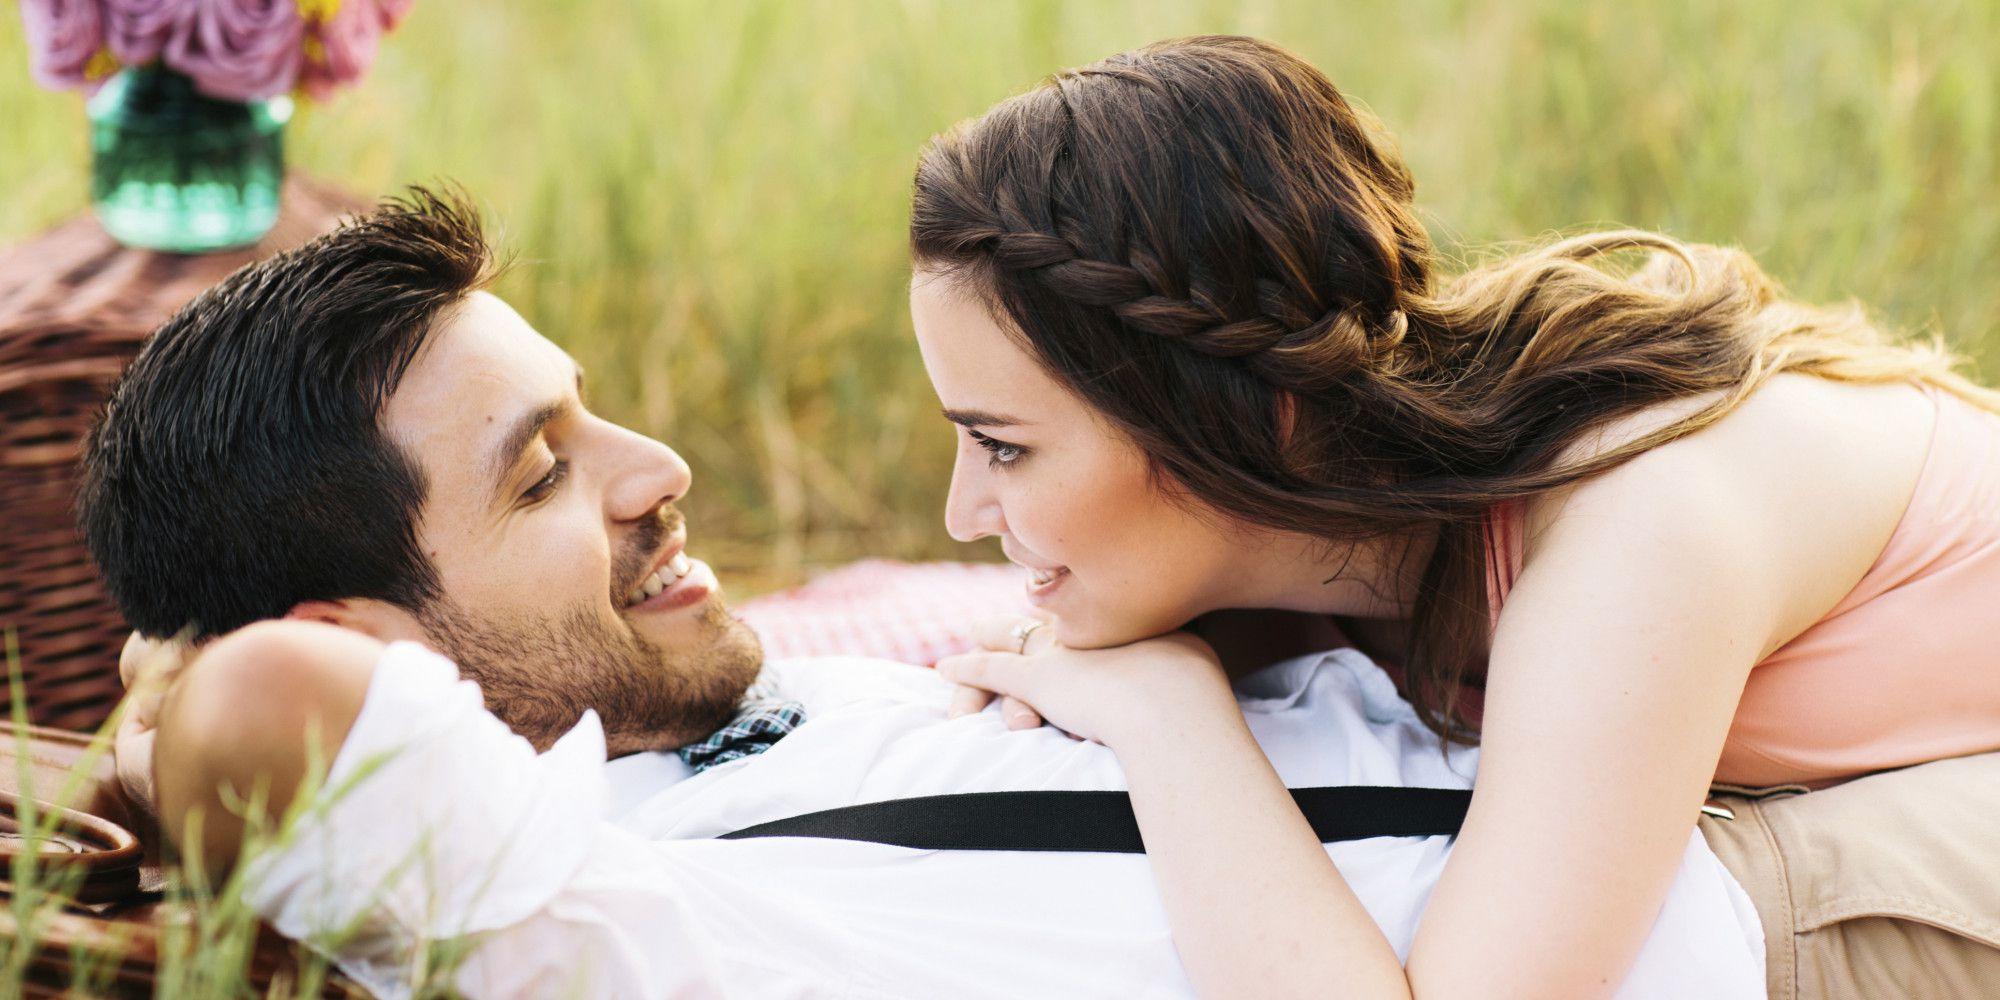 بالصور صور حب و رومنسية , من اجمل المشاعر الحب والرومانسيه 3904 7